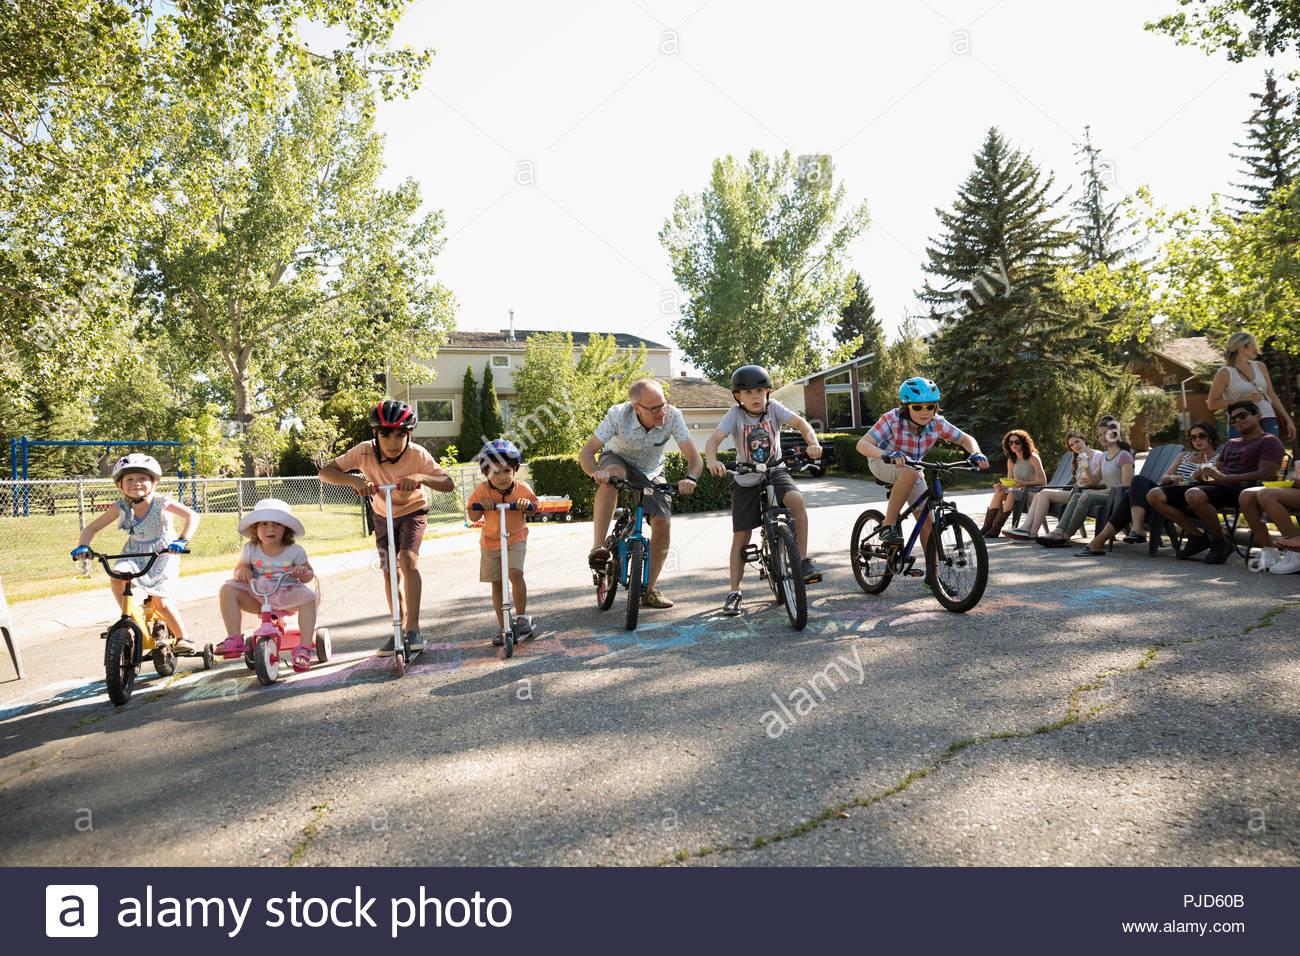 Los niños estén listos para la carrera de bicicletas en la línea de partida en el verano barrio block party Imagen De Stock